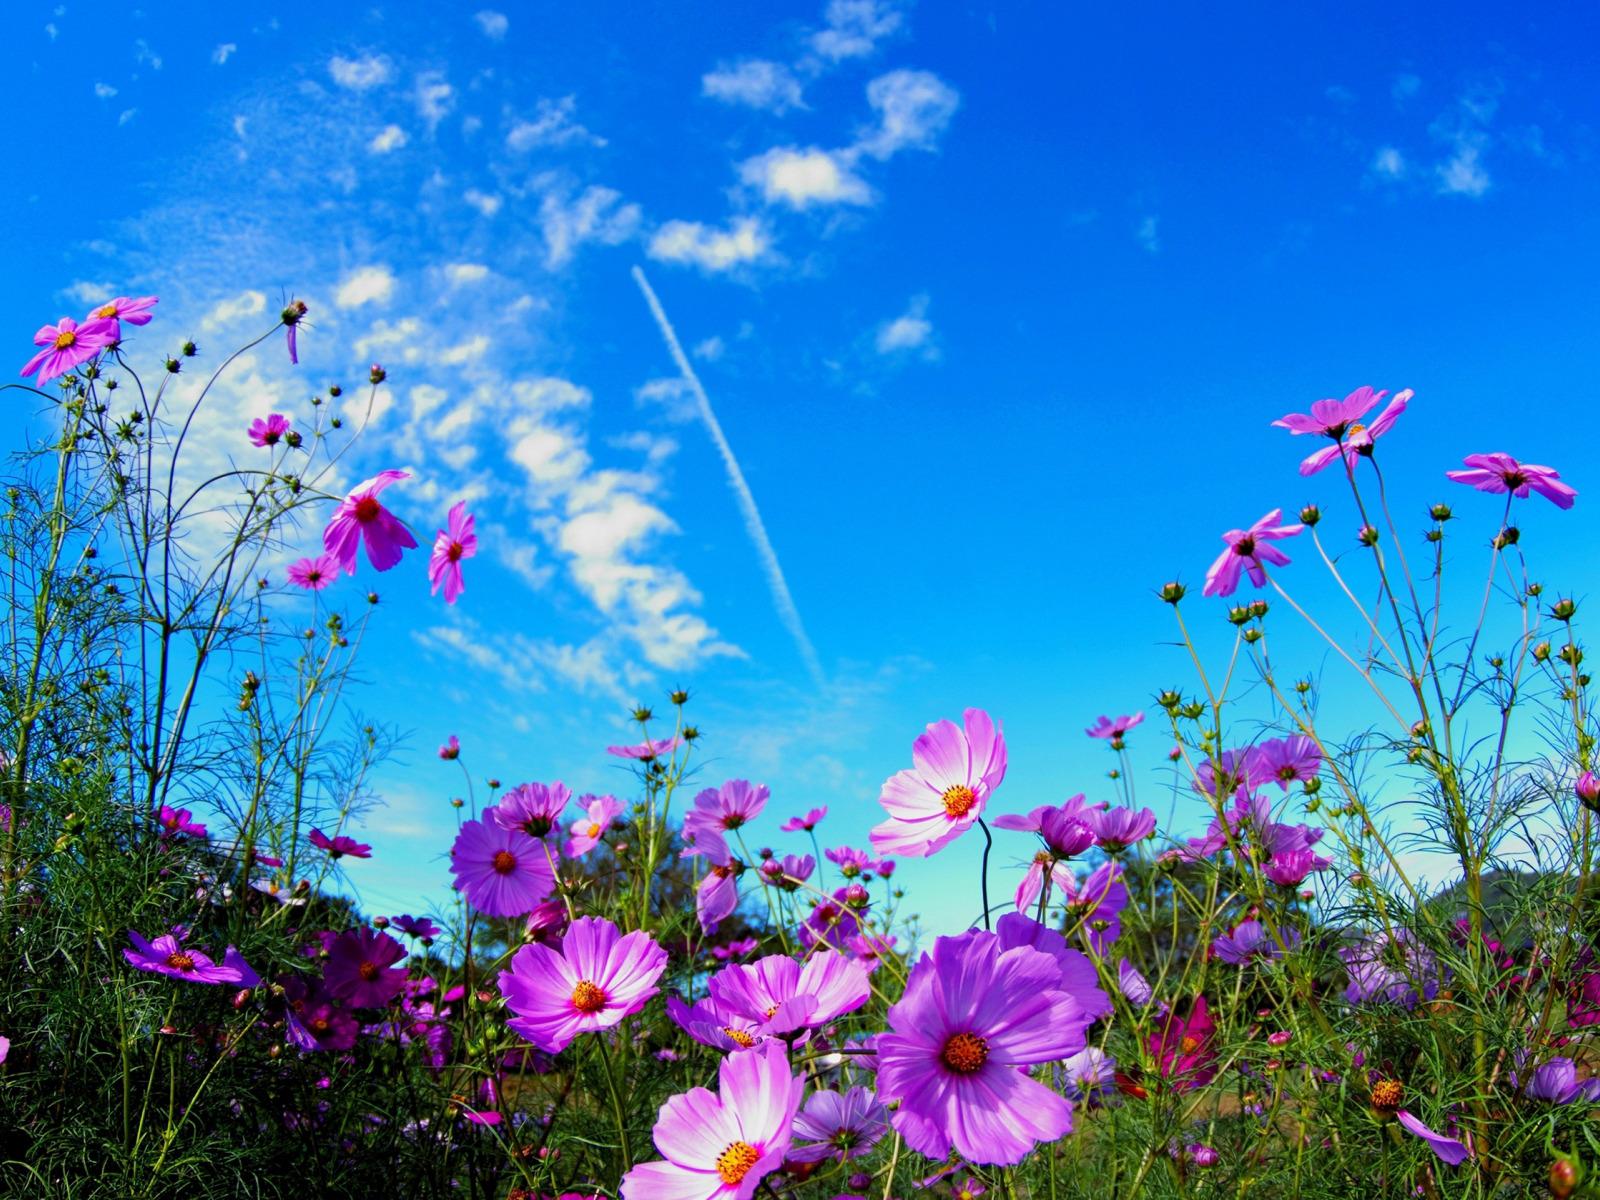 Фото с небом и цветы